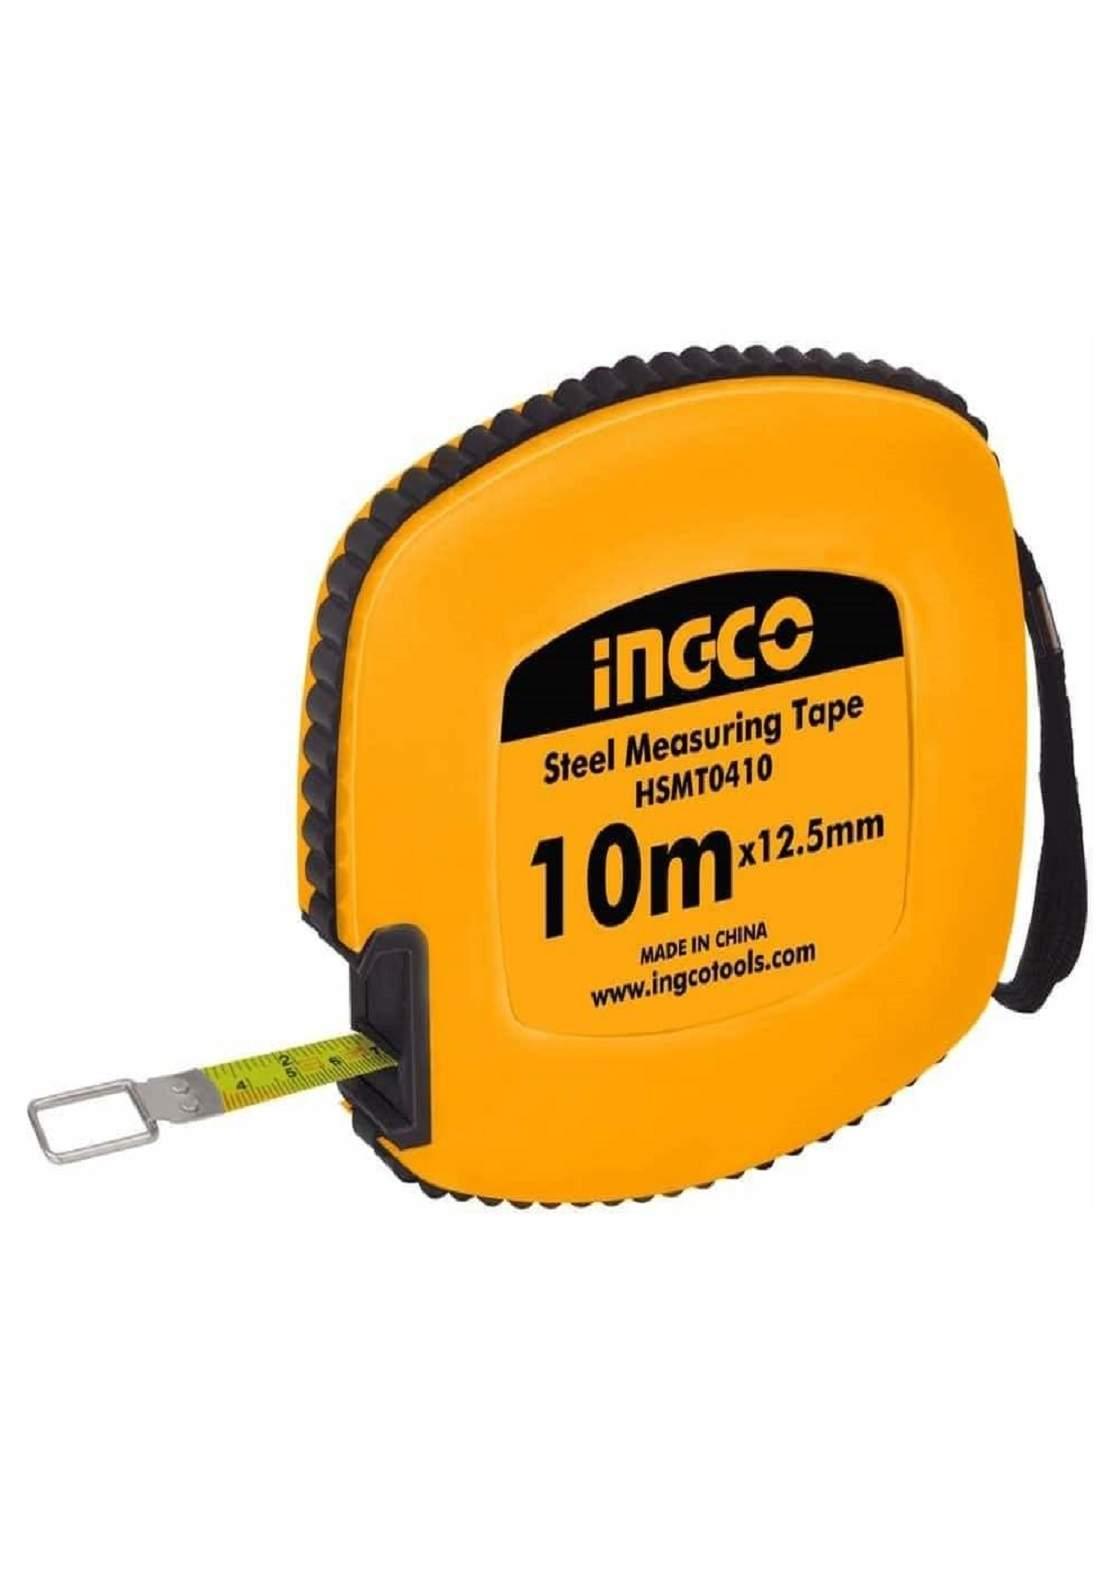 INGCO HSMT0410 Steel Measuring Tape 10M فيته (شريط قياس) حديد 10م شريطيه